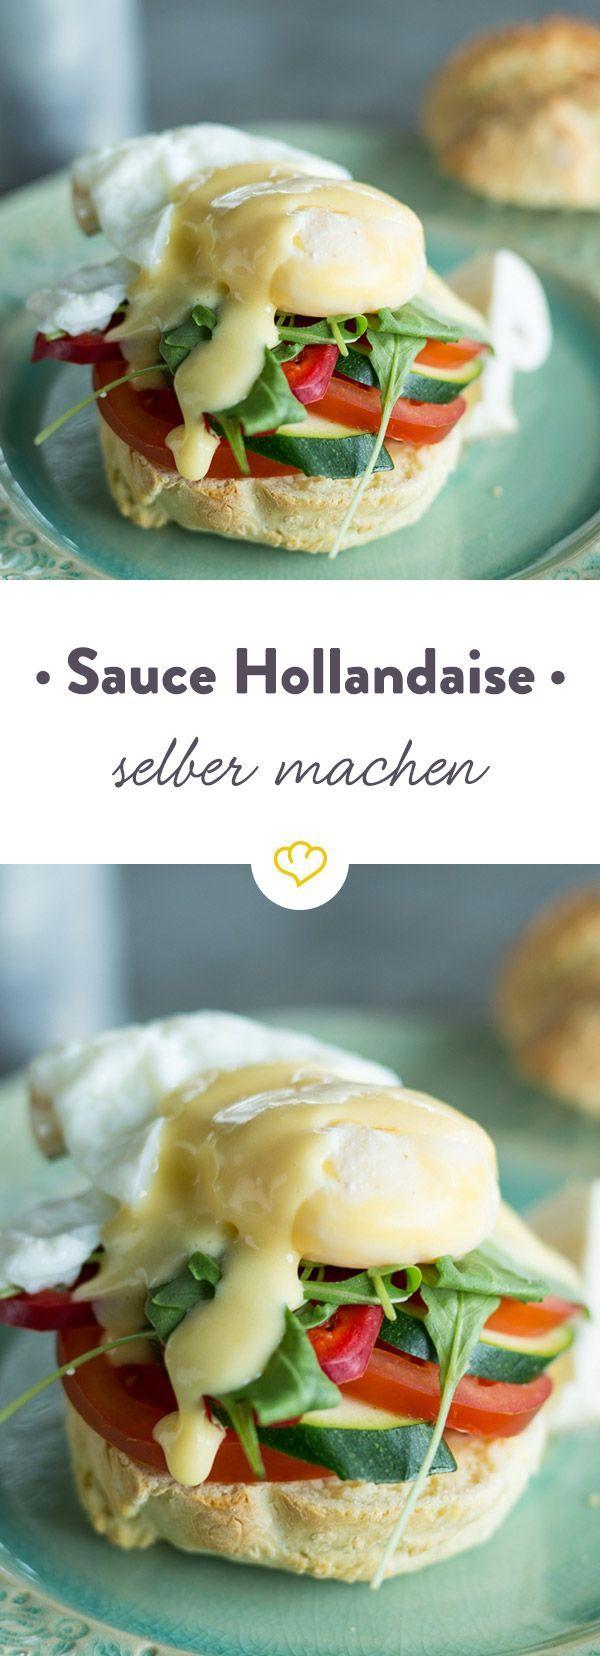 Sauce Hollandaise selber machen ist gar nicht so schwer: Mit einem Pürierstab ist der cremig-sämige Klassiker im Handumdrehen zubereitet. So funktioniert's